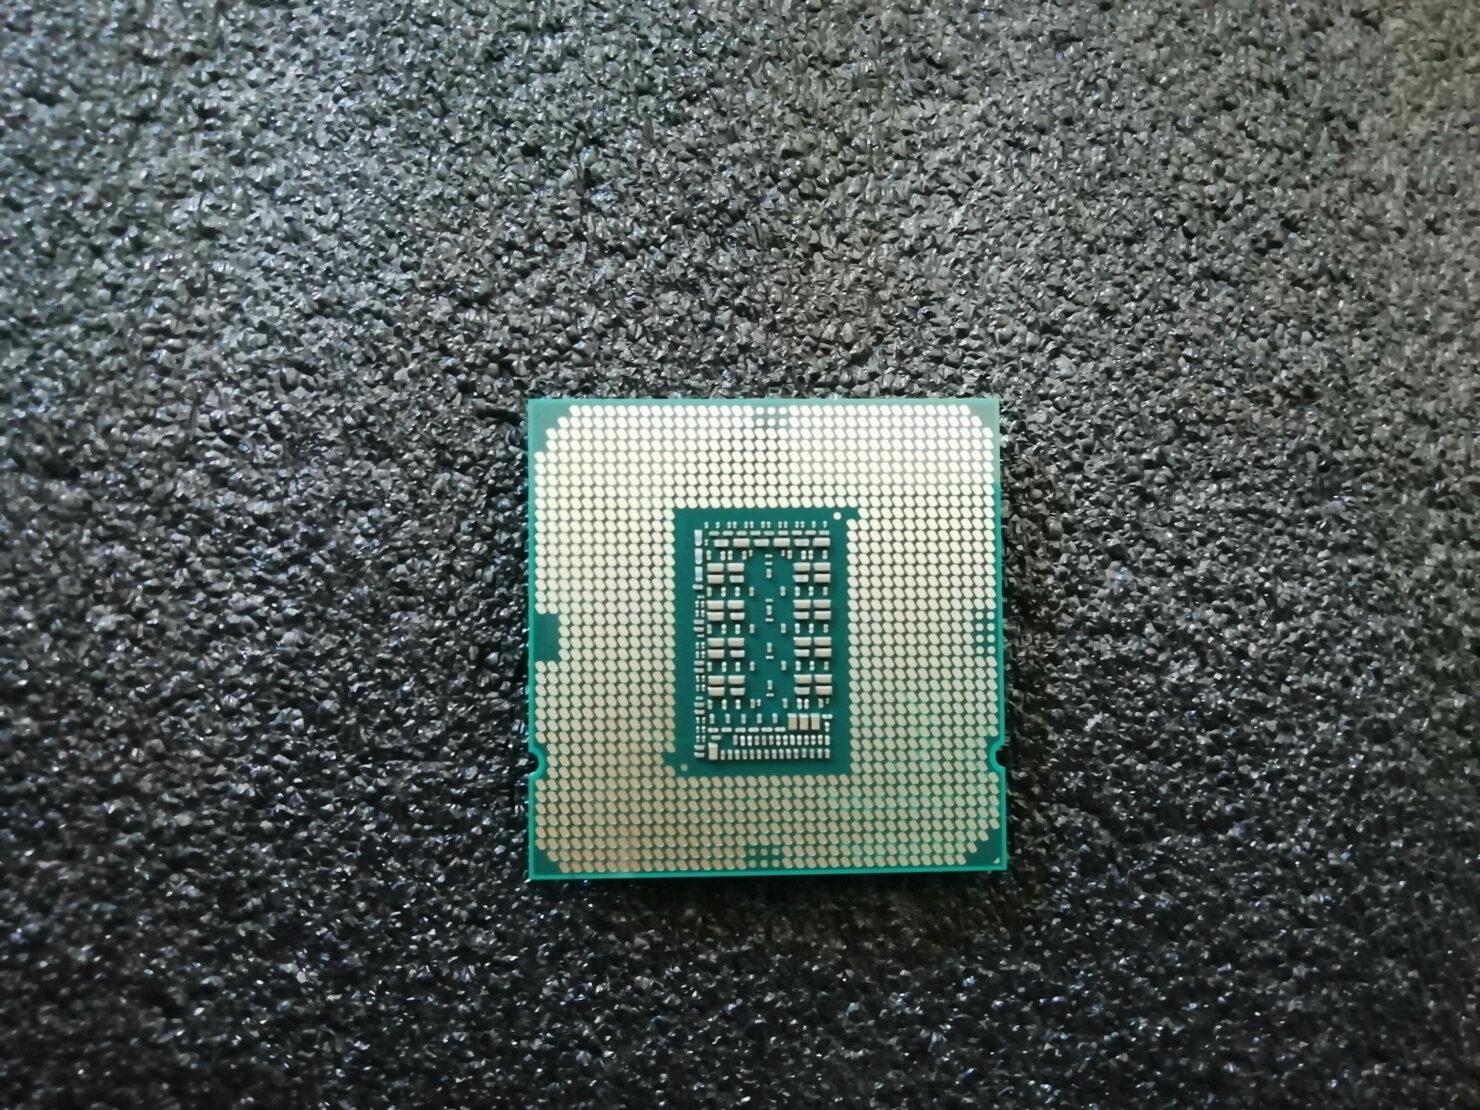 intel-core-i7-11700k-rocket-lake-8-core-desktop-cpu-_26